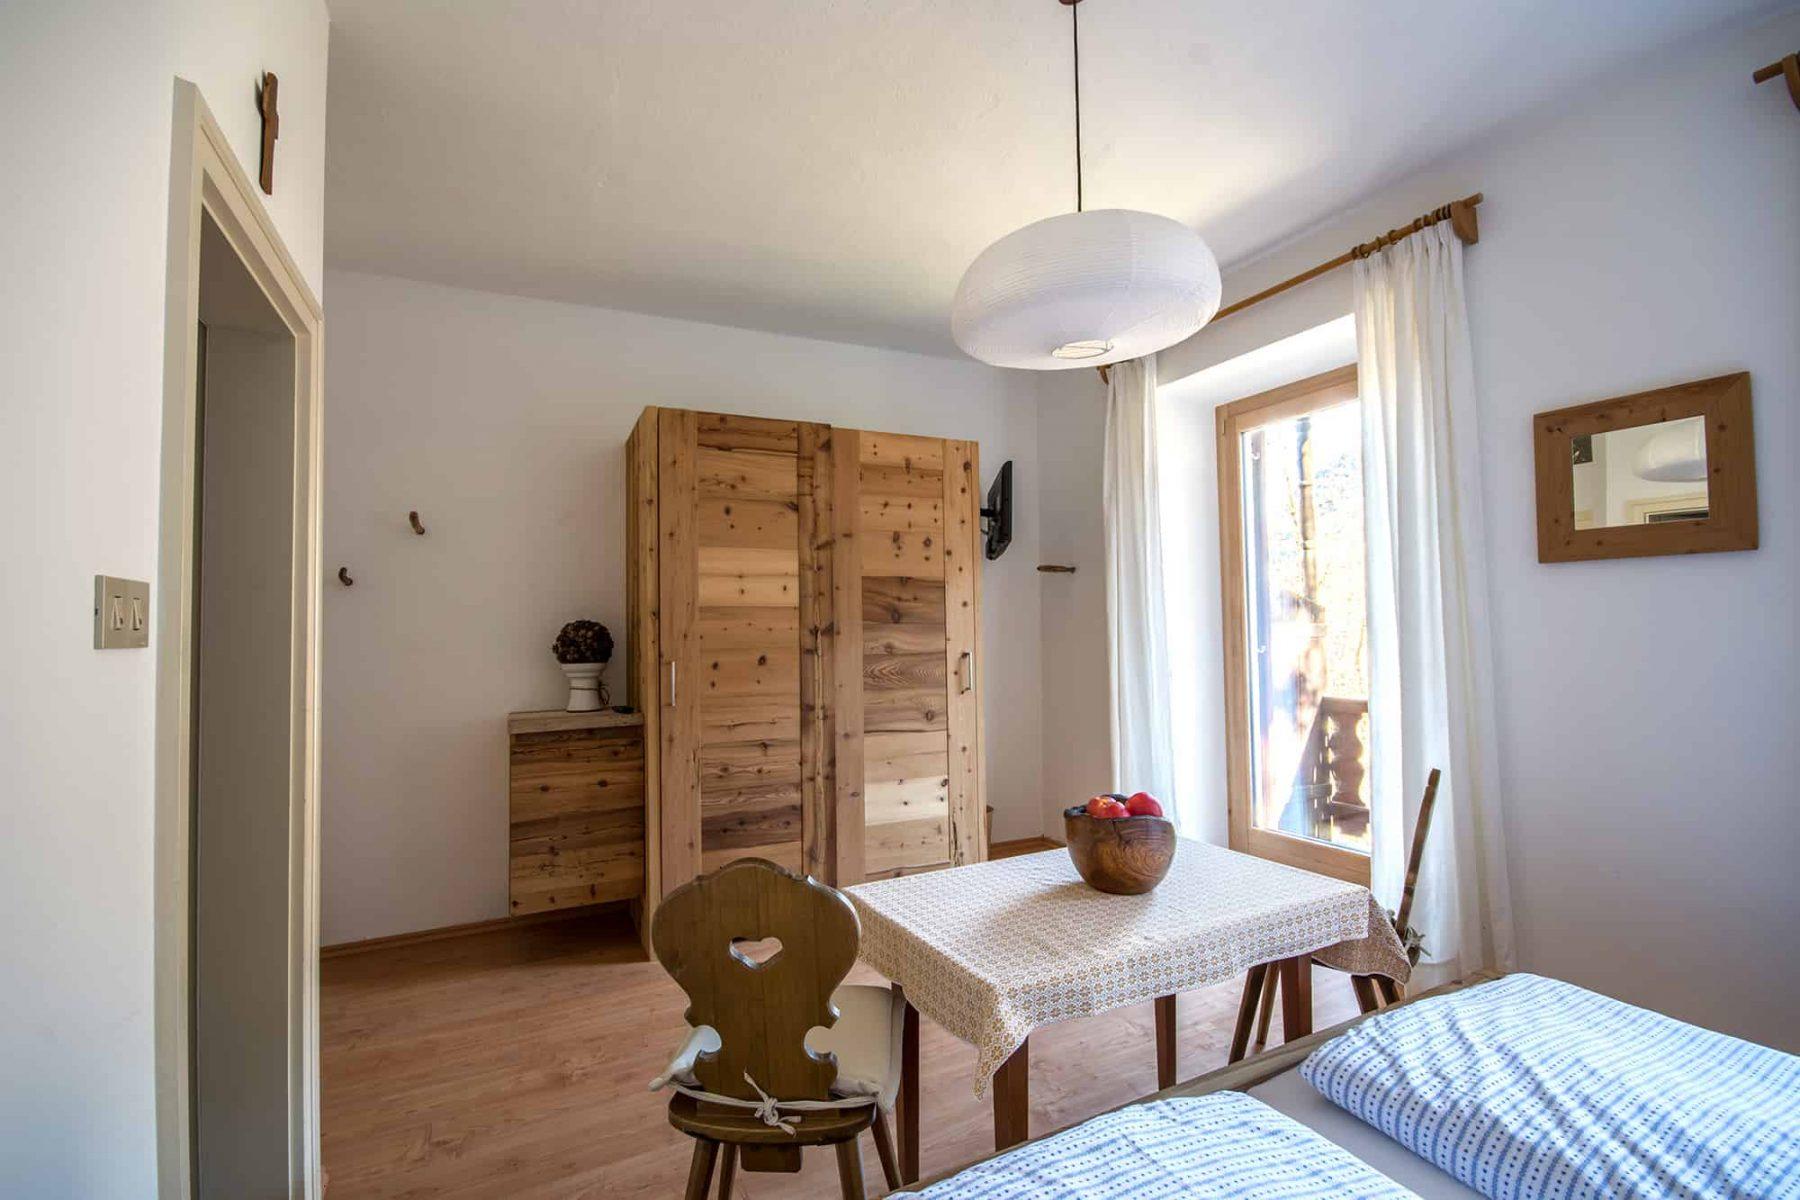 Mini Kühlschrank Schlafzimmer : Kühlschrank im schlafzimmer haus seeschwalbe in cuxhaven duhnen